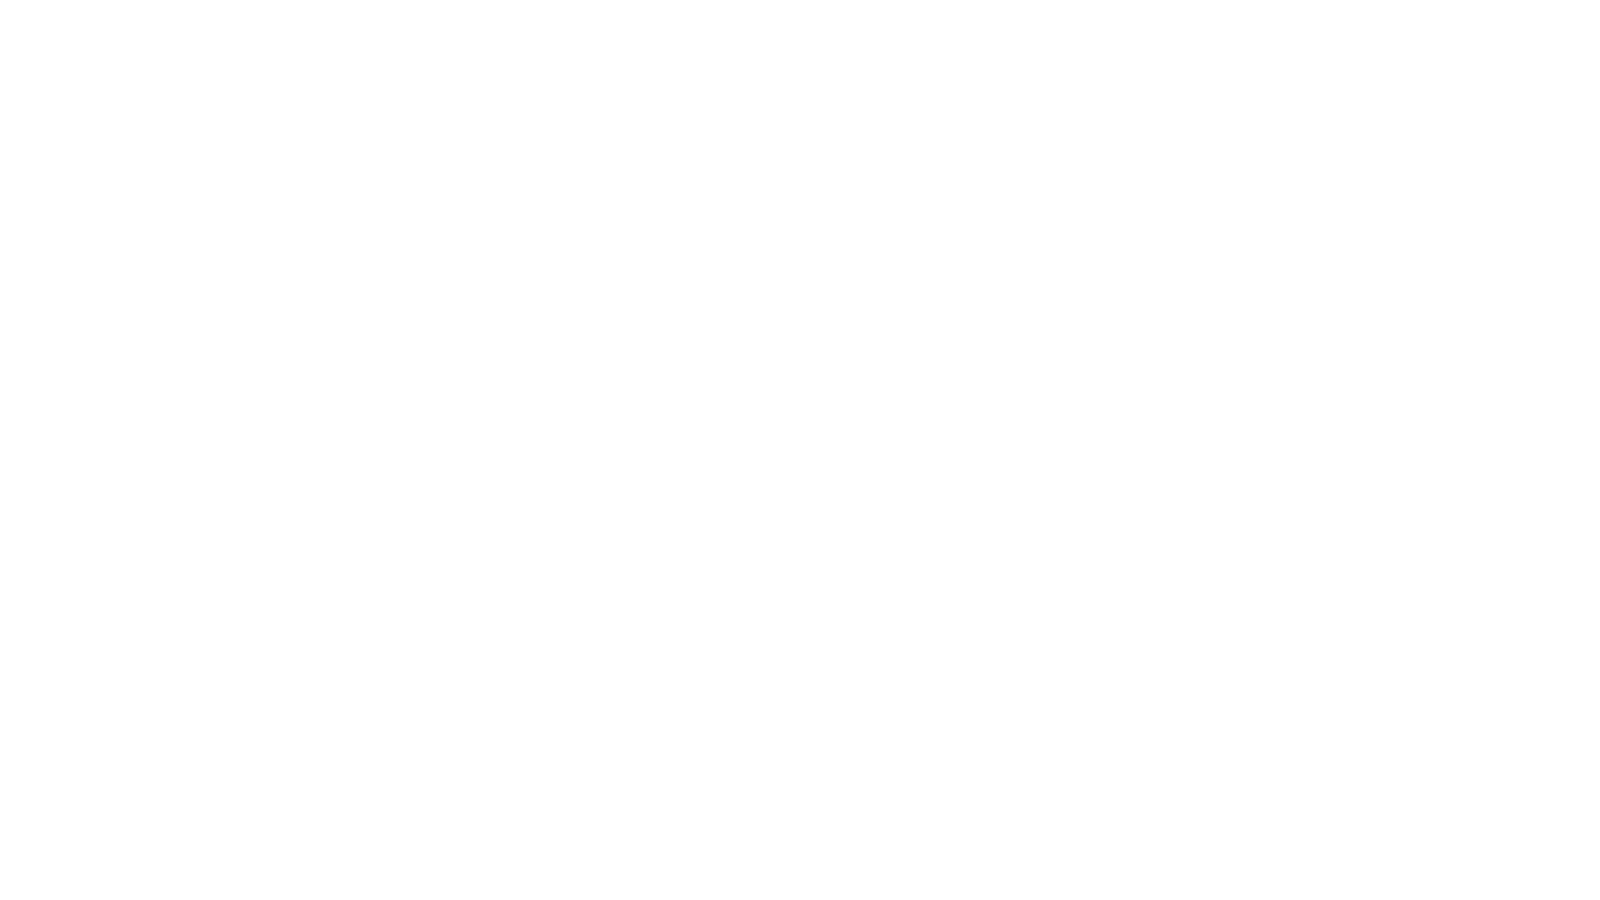 Guardate il video straziante: il dolore segna nel profondo questa povera elefantessa detenuta nella prigione eufemisticamente ribattezzata Bioparco. Il pachiderma, a causa dell'isolamento, presenta sintomi di forte stress psico-fisico, riscontrati da comportamenti ripetitivi: testate contro il muro e relativo sfregamento ossessivo-compulsivo del capo insieme ad un andamento altalenante del corpo. Mentre scriviamo apprendiamo anche della morte di Asha, la giovane leonessa nata la scorsa primavera in pieno lockdown al Bioparco di Roma.  Questi sono i risultati dell'intromissione dell'uomo nei meccanismi della natura. L'atroce sofferenza di queste creature dovrebbe fungere da freno alla nostra arroganza e alla nostra presunzione: nessun essere senziente merita di essere esposto al pubblico ludibrio; la sacralità della vita è un dono da rispettare a prescindere dalla specie di appartenenza. Oggi sosteniamo l'urgenza di risposte da parte dell'Amministrazione Capitolina e della Sindaca Virginia Raggi a cui abbiamo scritto una lettera in cui esponiamo 2 gravi casi di maltrattamento al Bioparco su cui urge intervento immediato. Leggi la lettera su www.animalisti.it